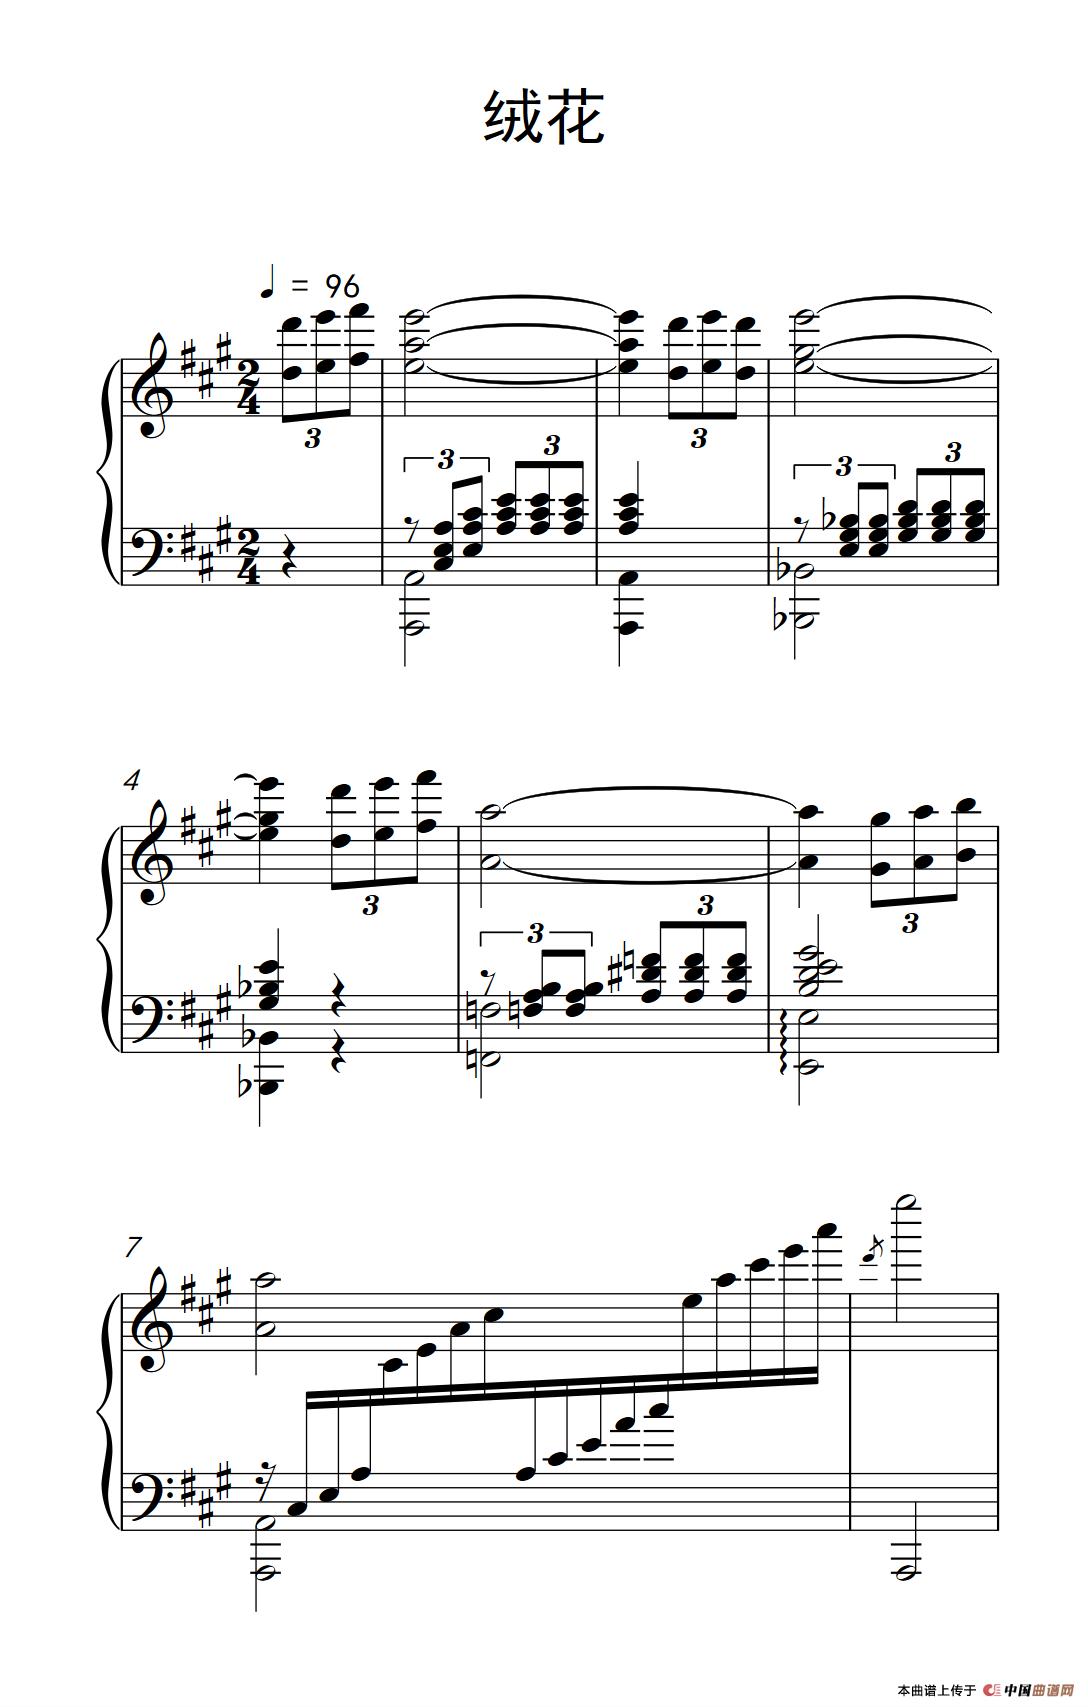 绒花钢琴谱 弹吧音教 制谱版 器乐乐谱 中国曲谱网